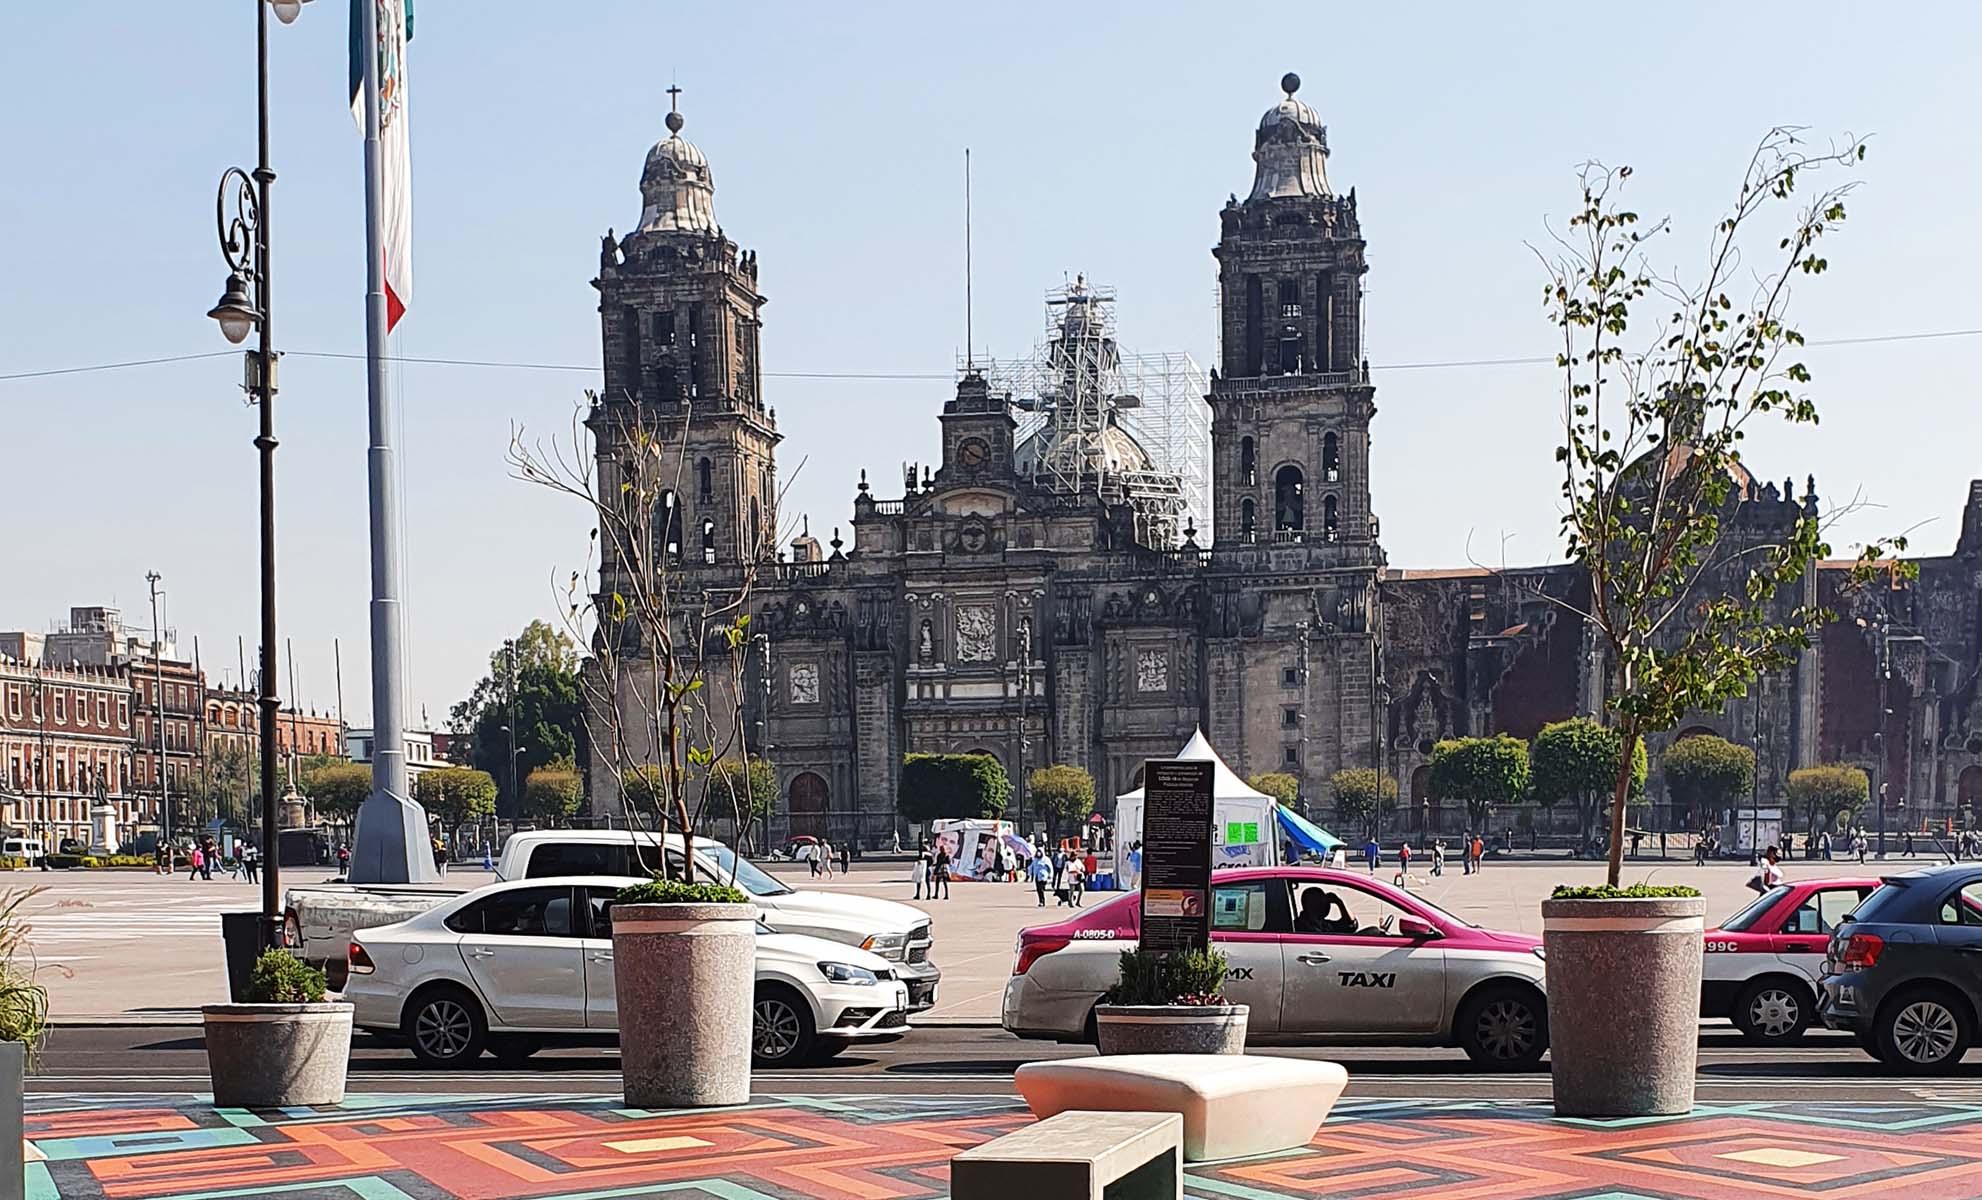 Catedral Metropolitana da Cidade do México e Praça da Constituição - Zócalo